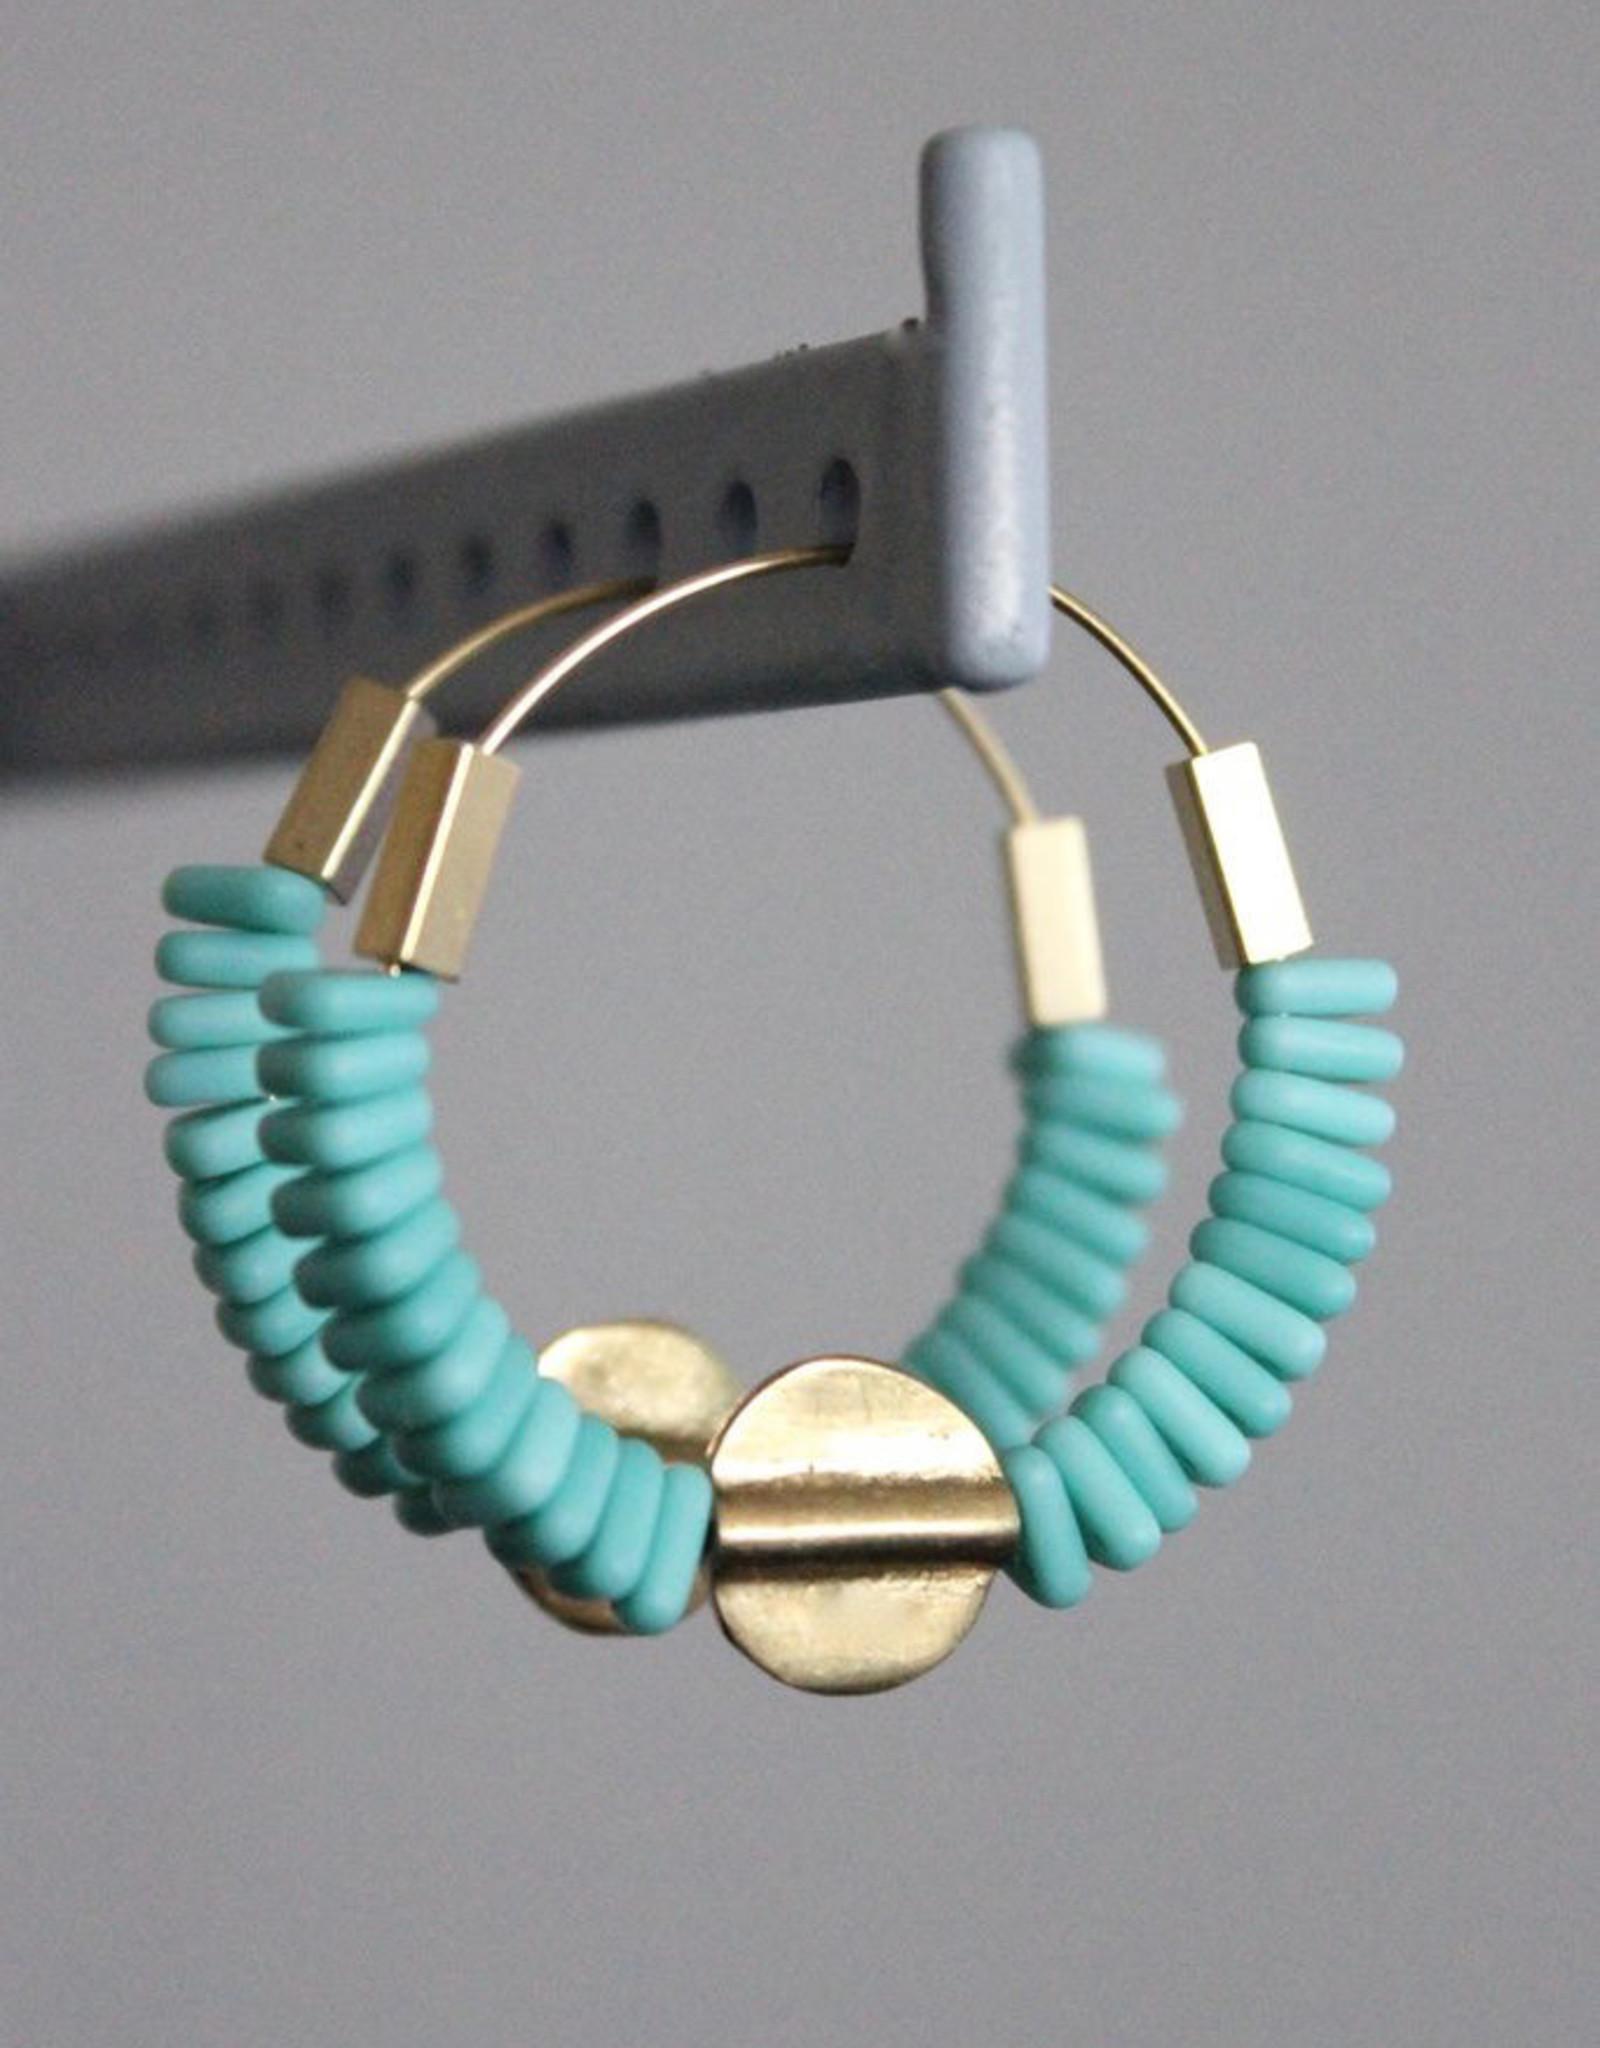 David Aubrey Gold Hoop Earrings with Turquoise Czech + Brass Beads - David Aubrey